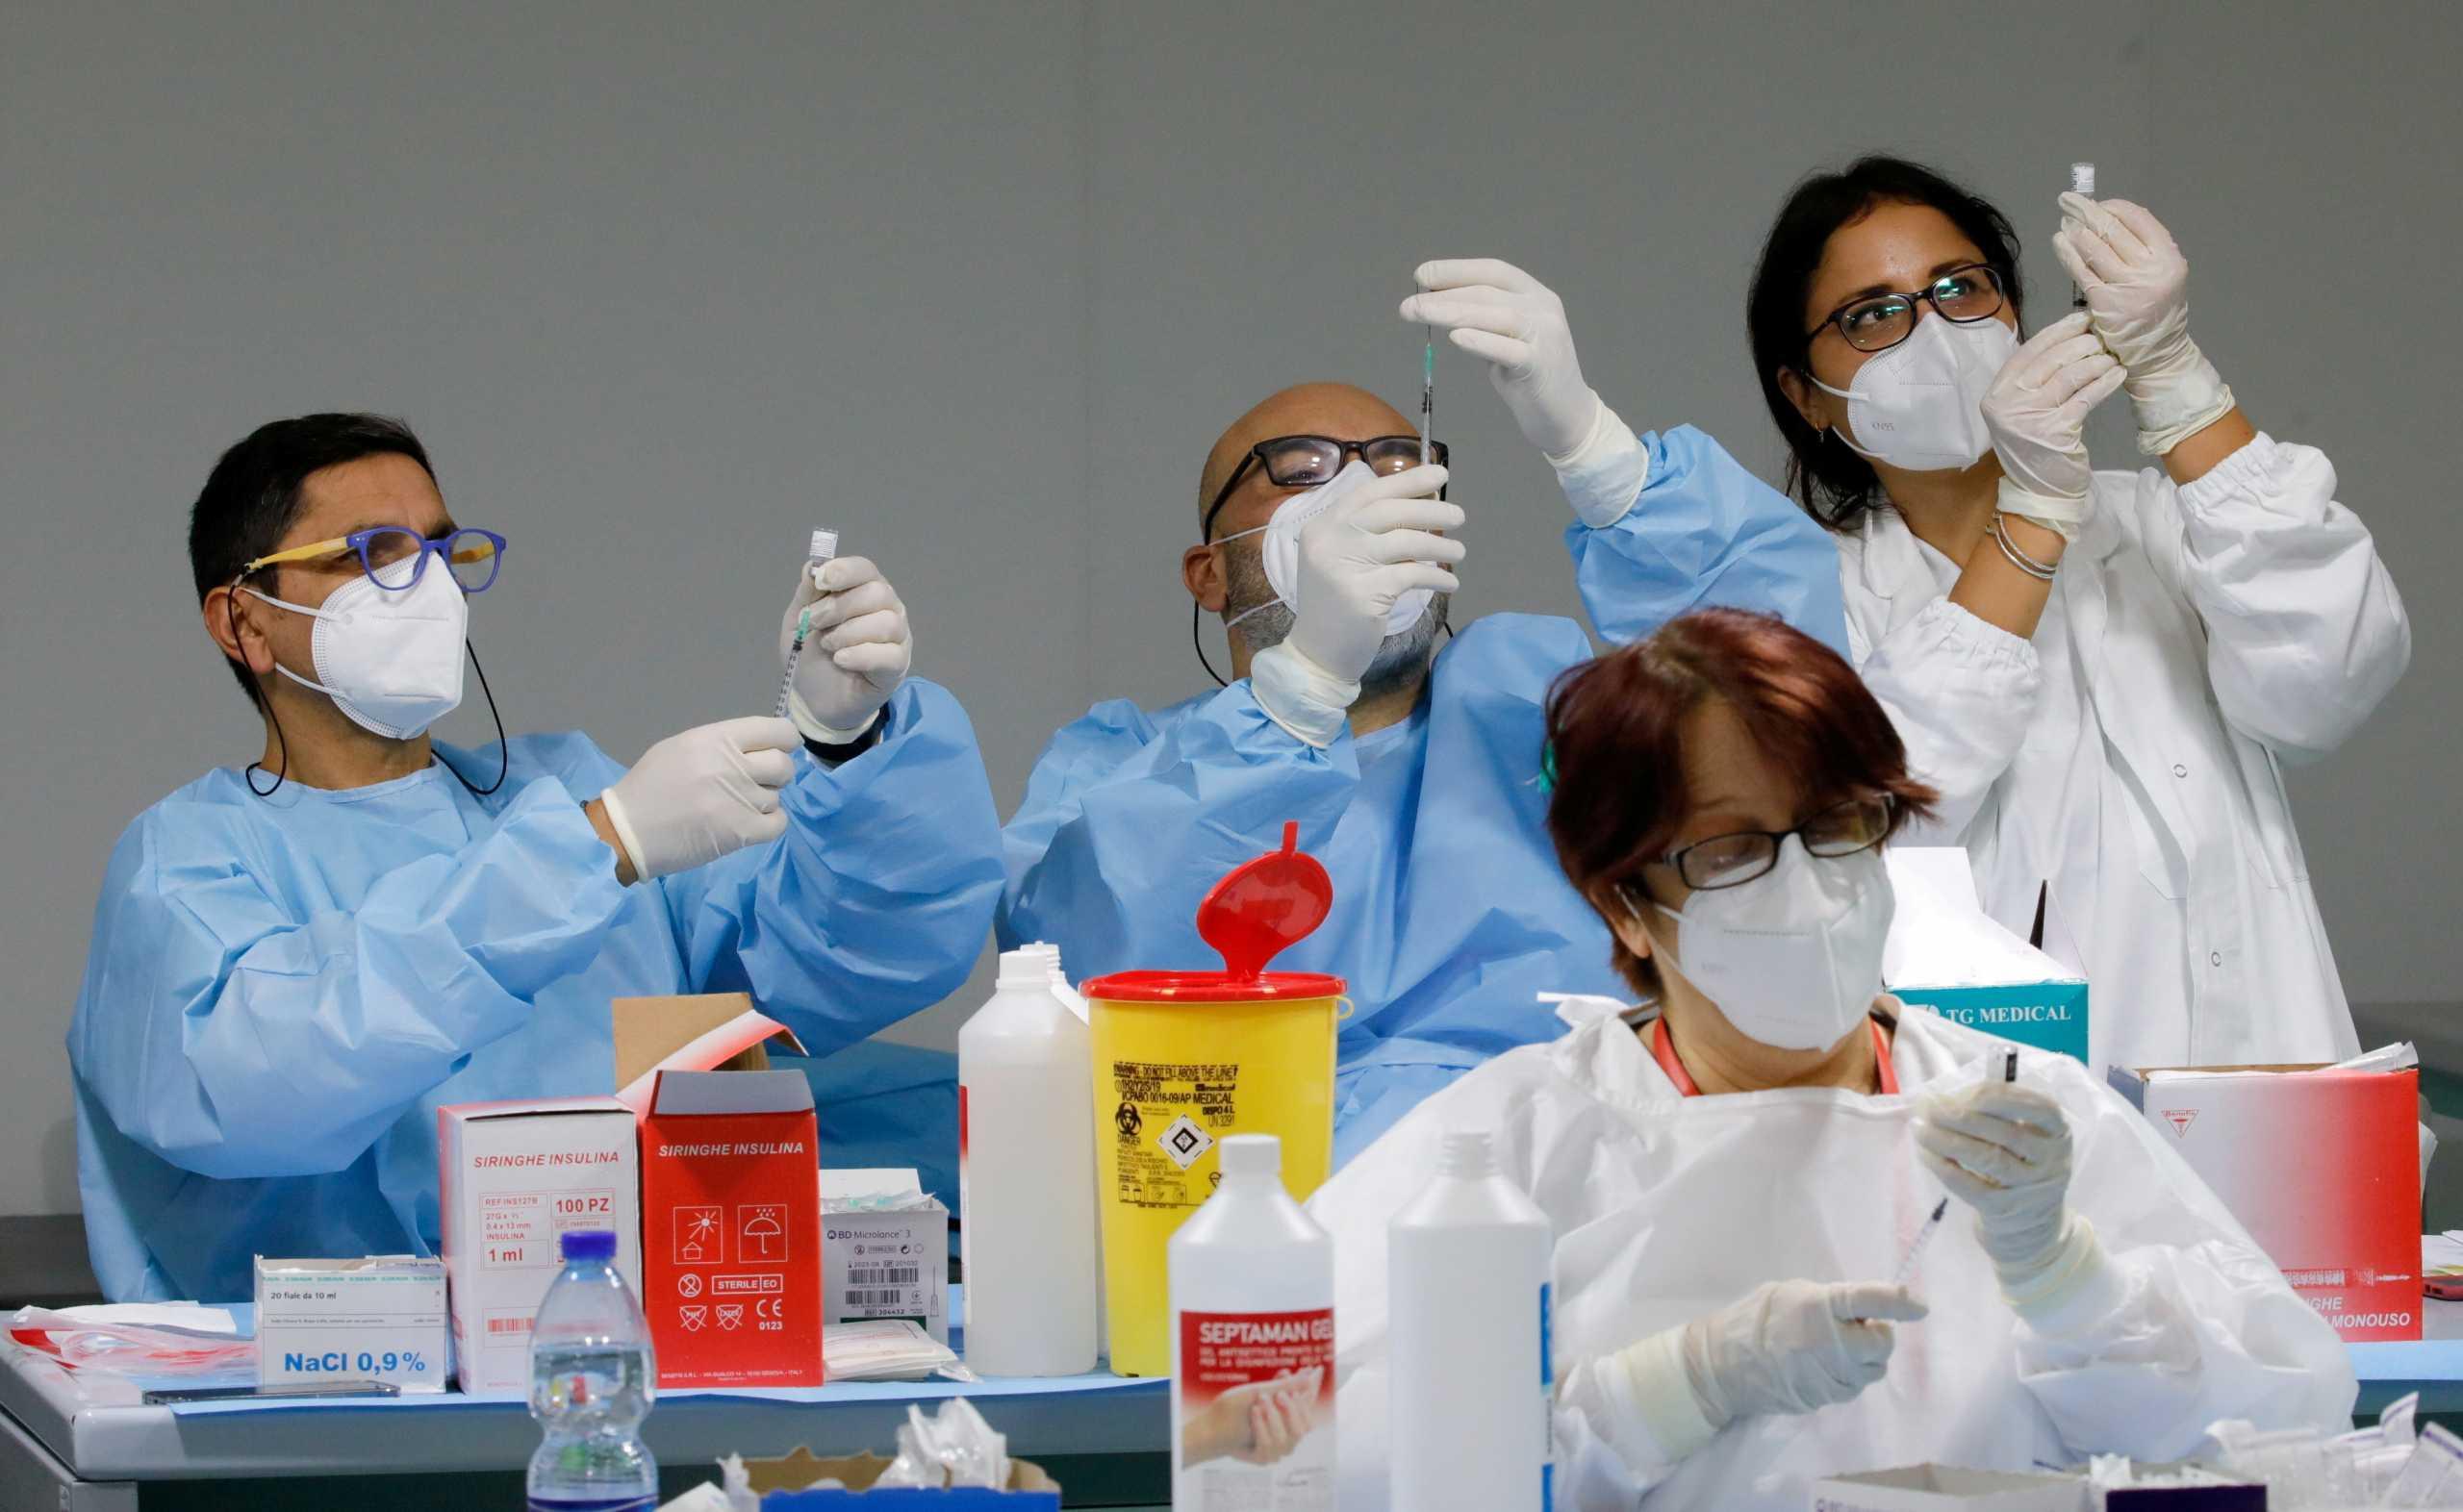 Ιταλία: Ξεκίνησε ο μαζικός εμβολιασμός στα νησιά